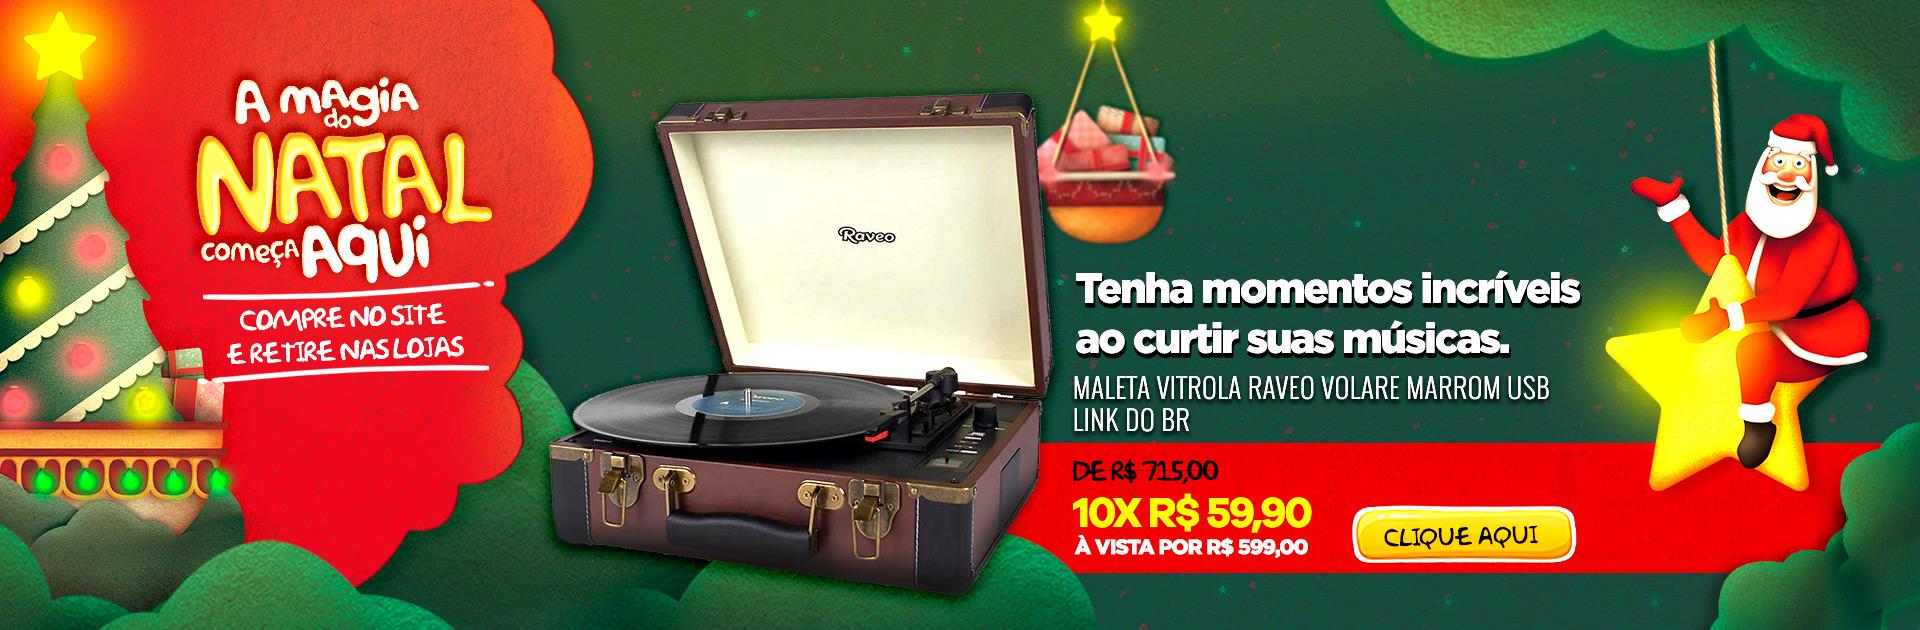 Natal - Vitrola